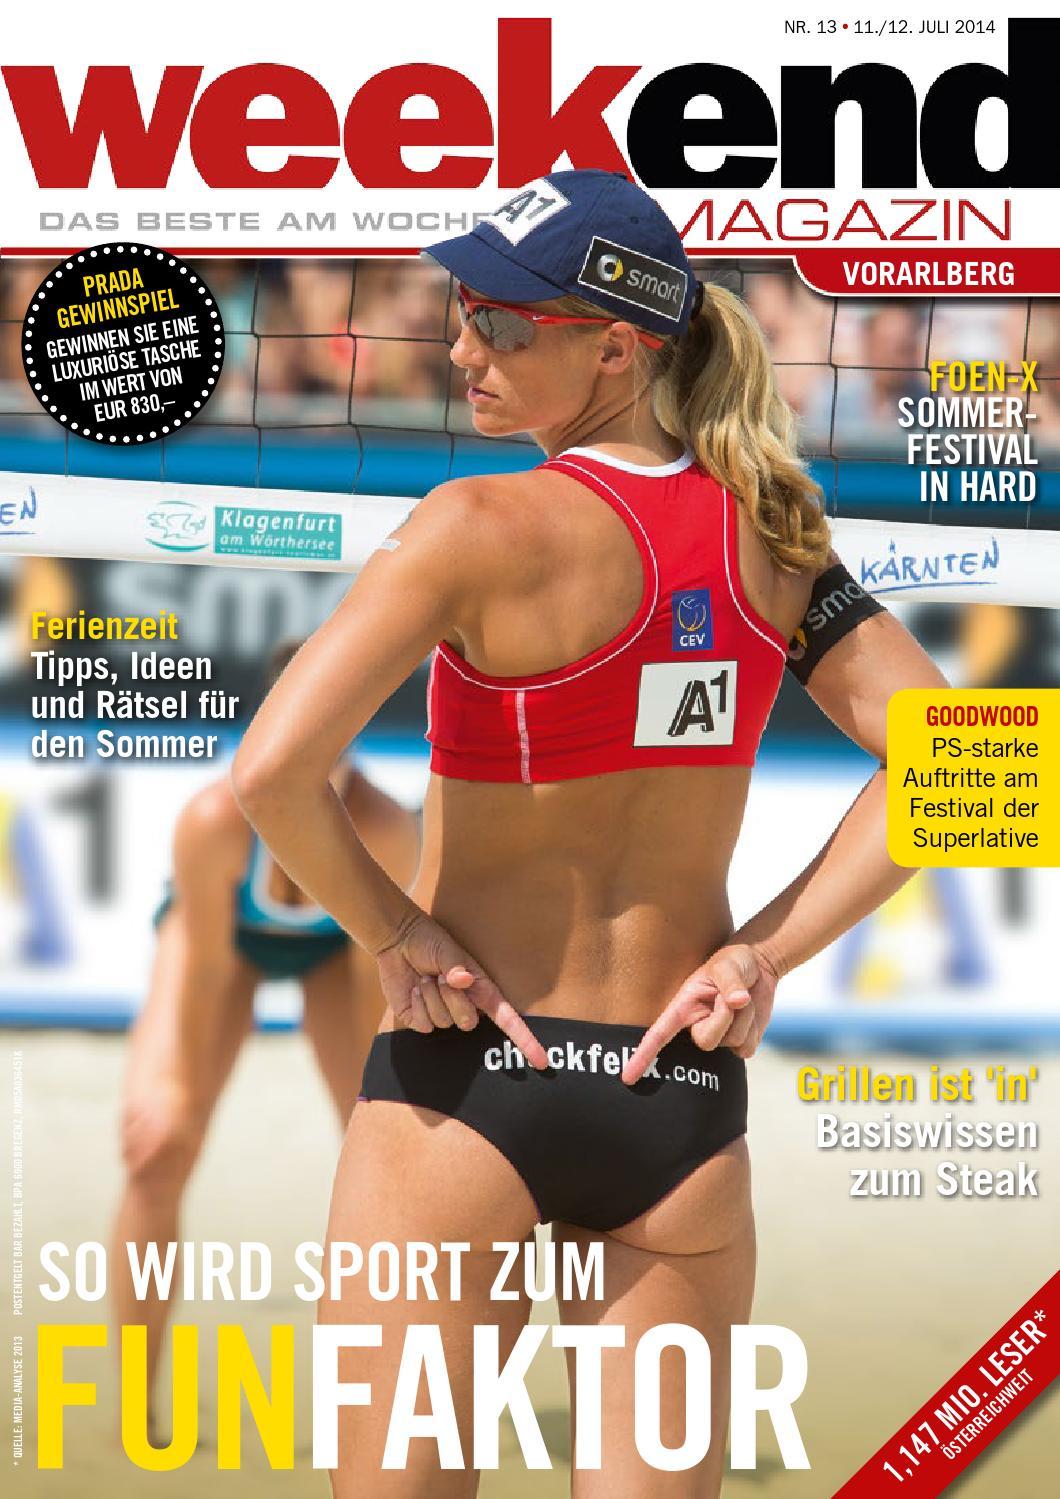 Weekend Magazin Vorarlberg 2014 Kw 28 By Weekend Magazin ... Klimaanlagen Von Daikin Innovativ Benutzerfreundlich